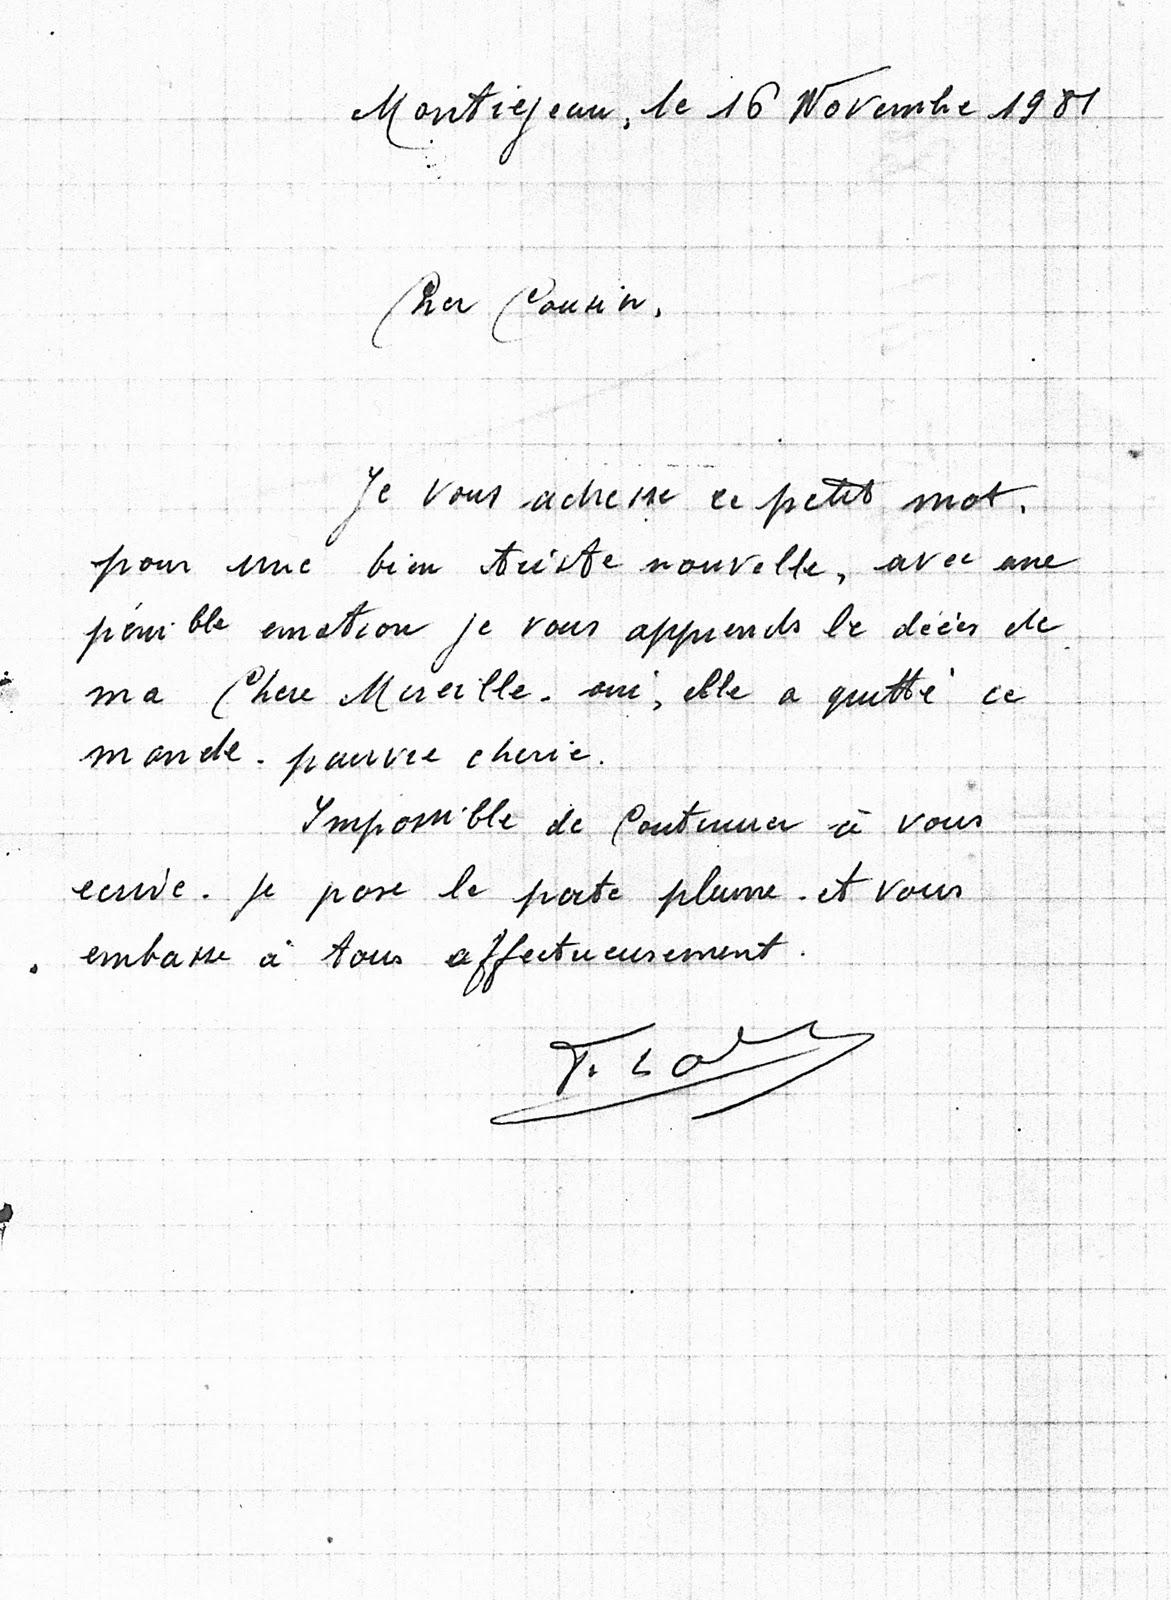 Sample Cover Letter: Exemple De Lettre De Procuration Pour Voter